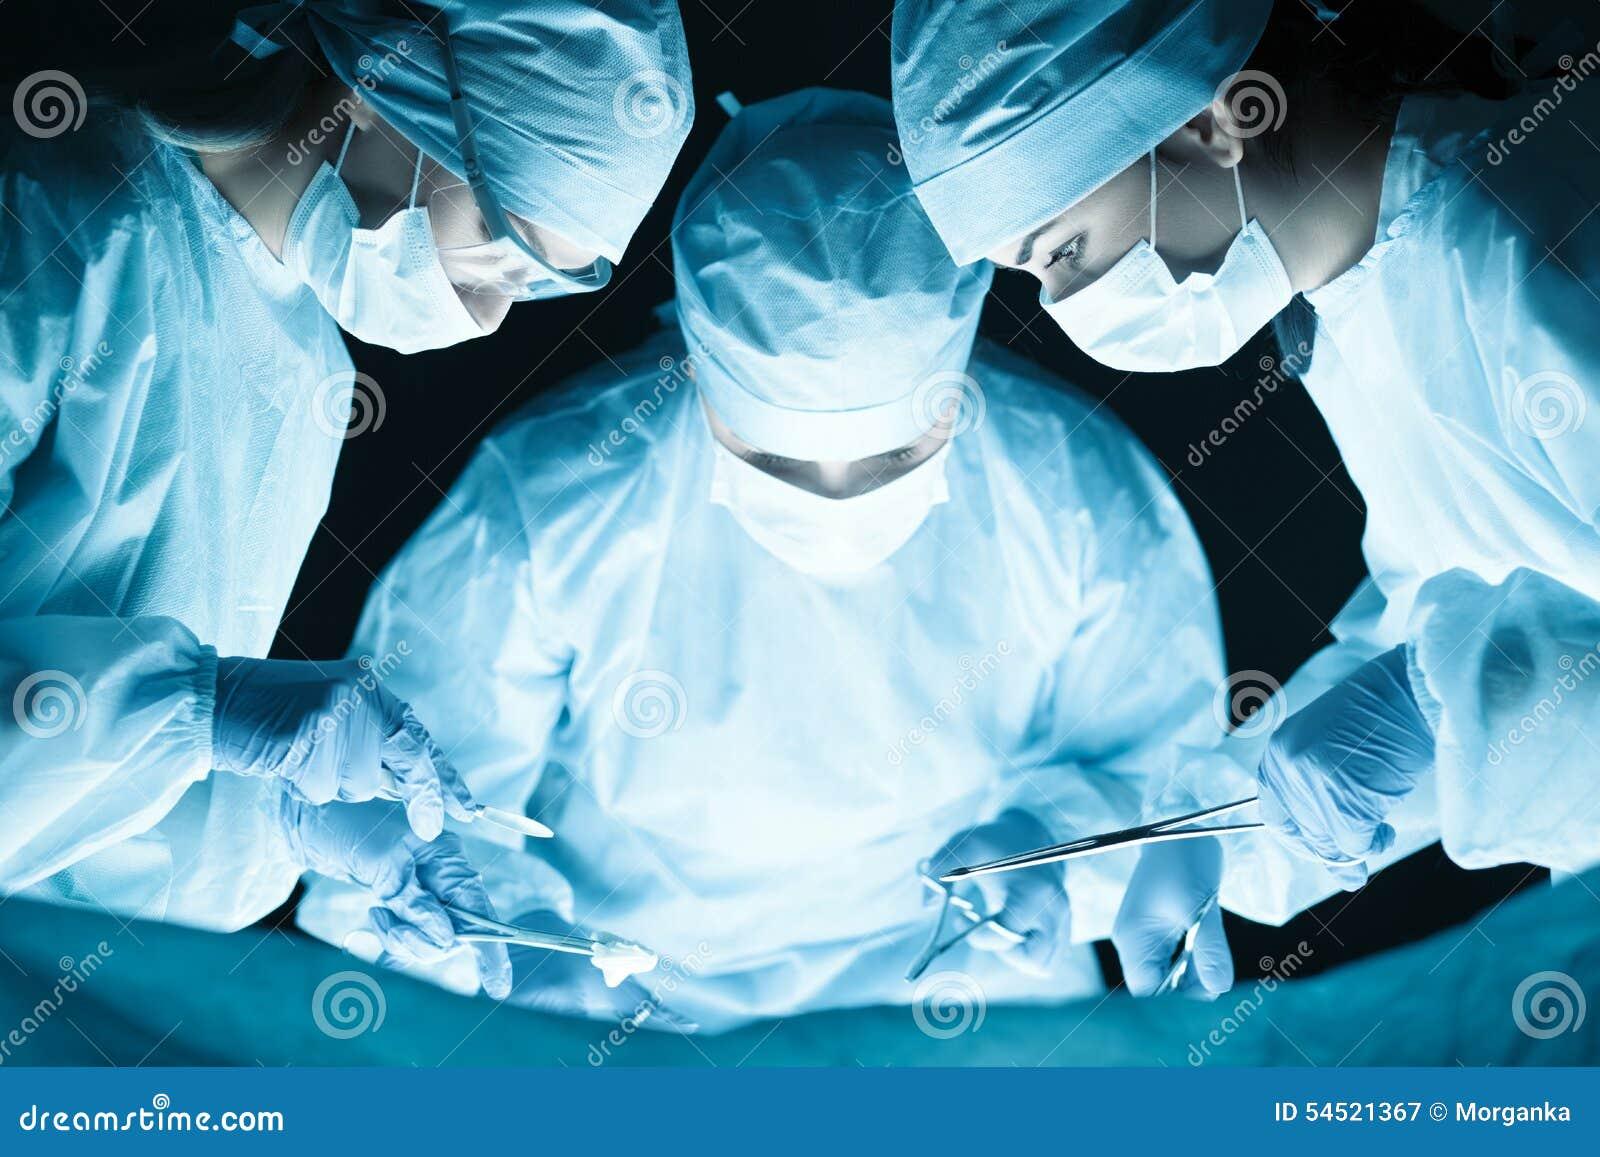 Медицинская бригада выполняя деятельность